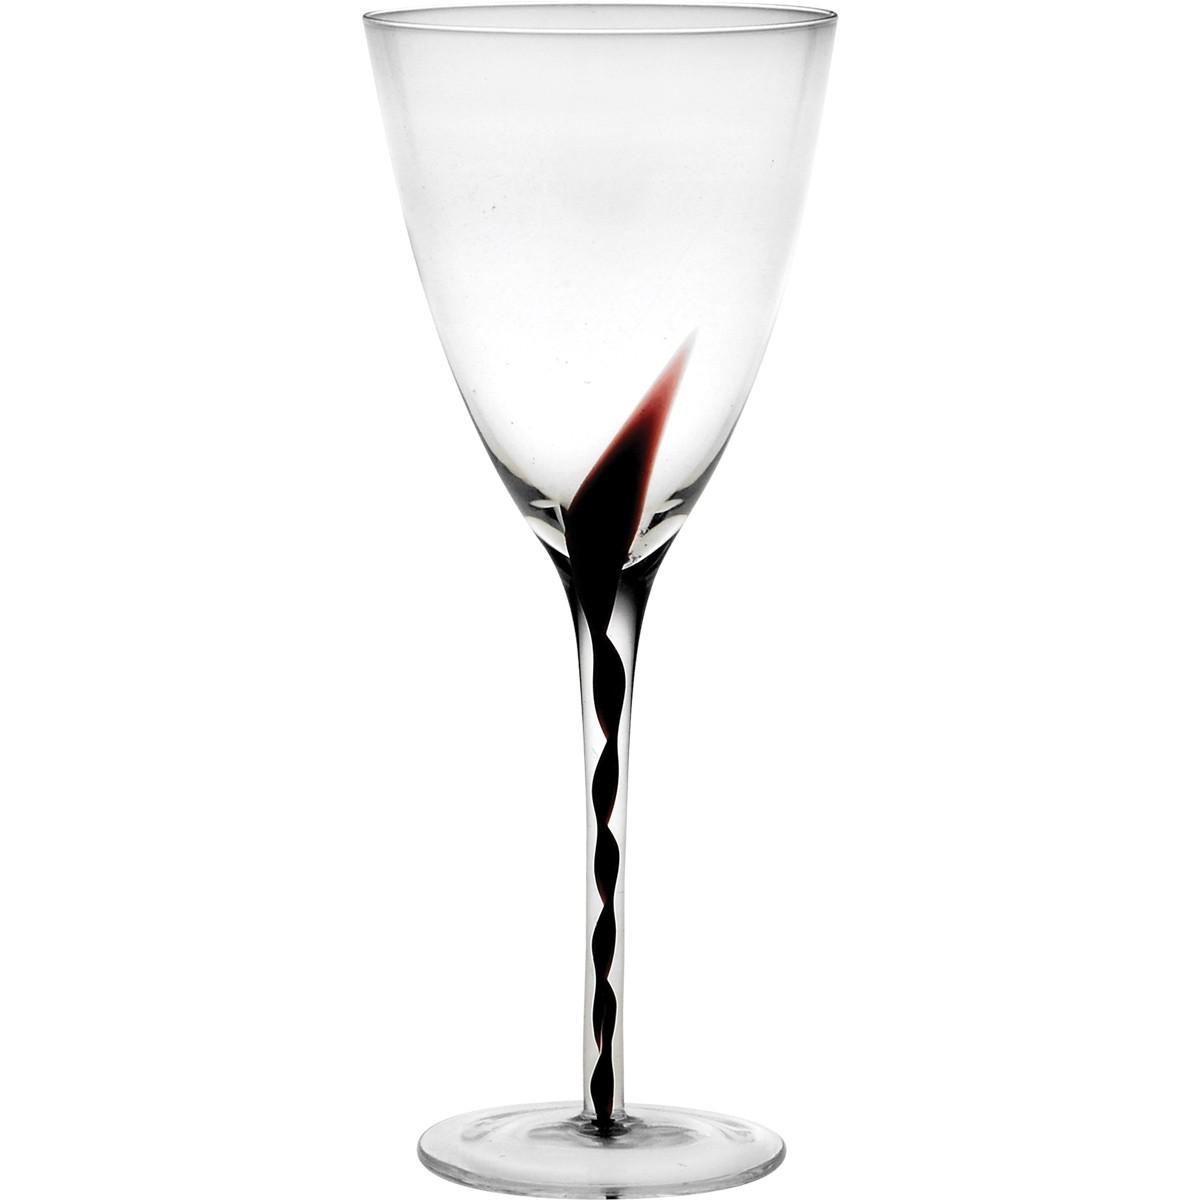 Ποτήρια Νερού Κολωνάτα (Σετ 6τμχ) Home Design SDL1203/RW